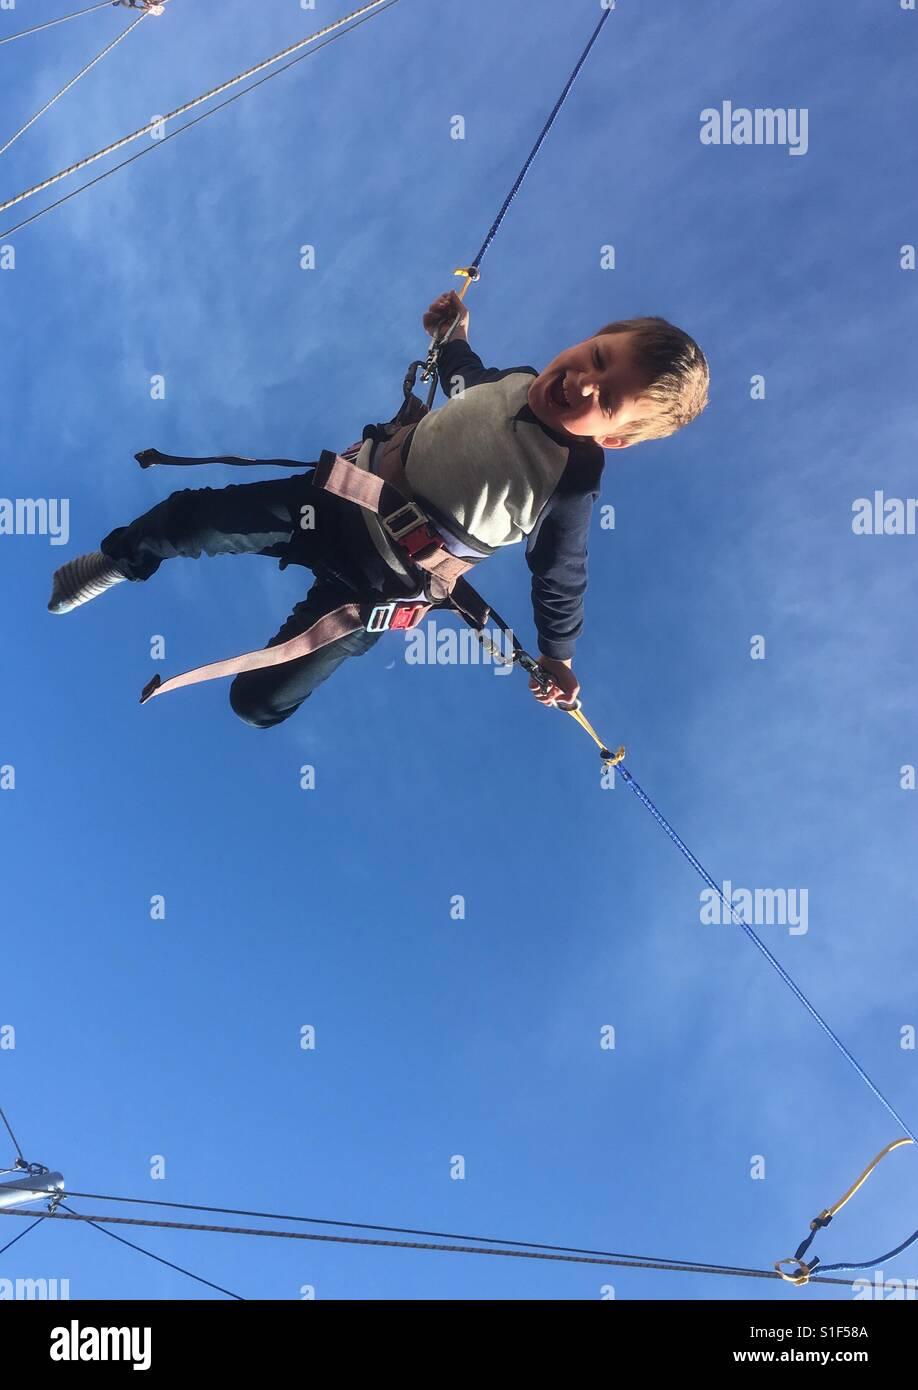 Junge auf elastisches Seil springt Stockbild